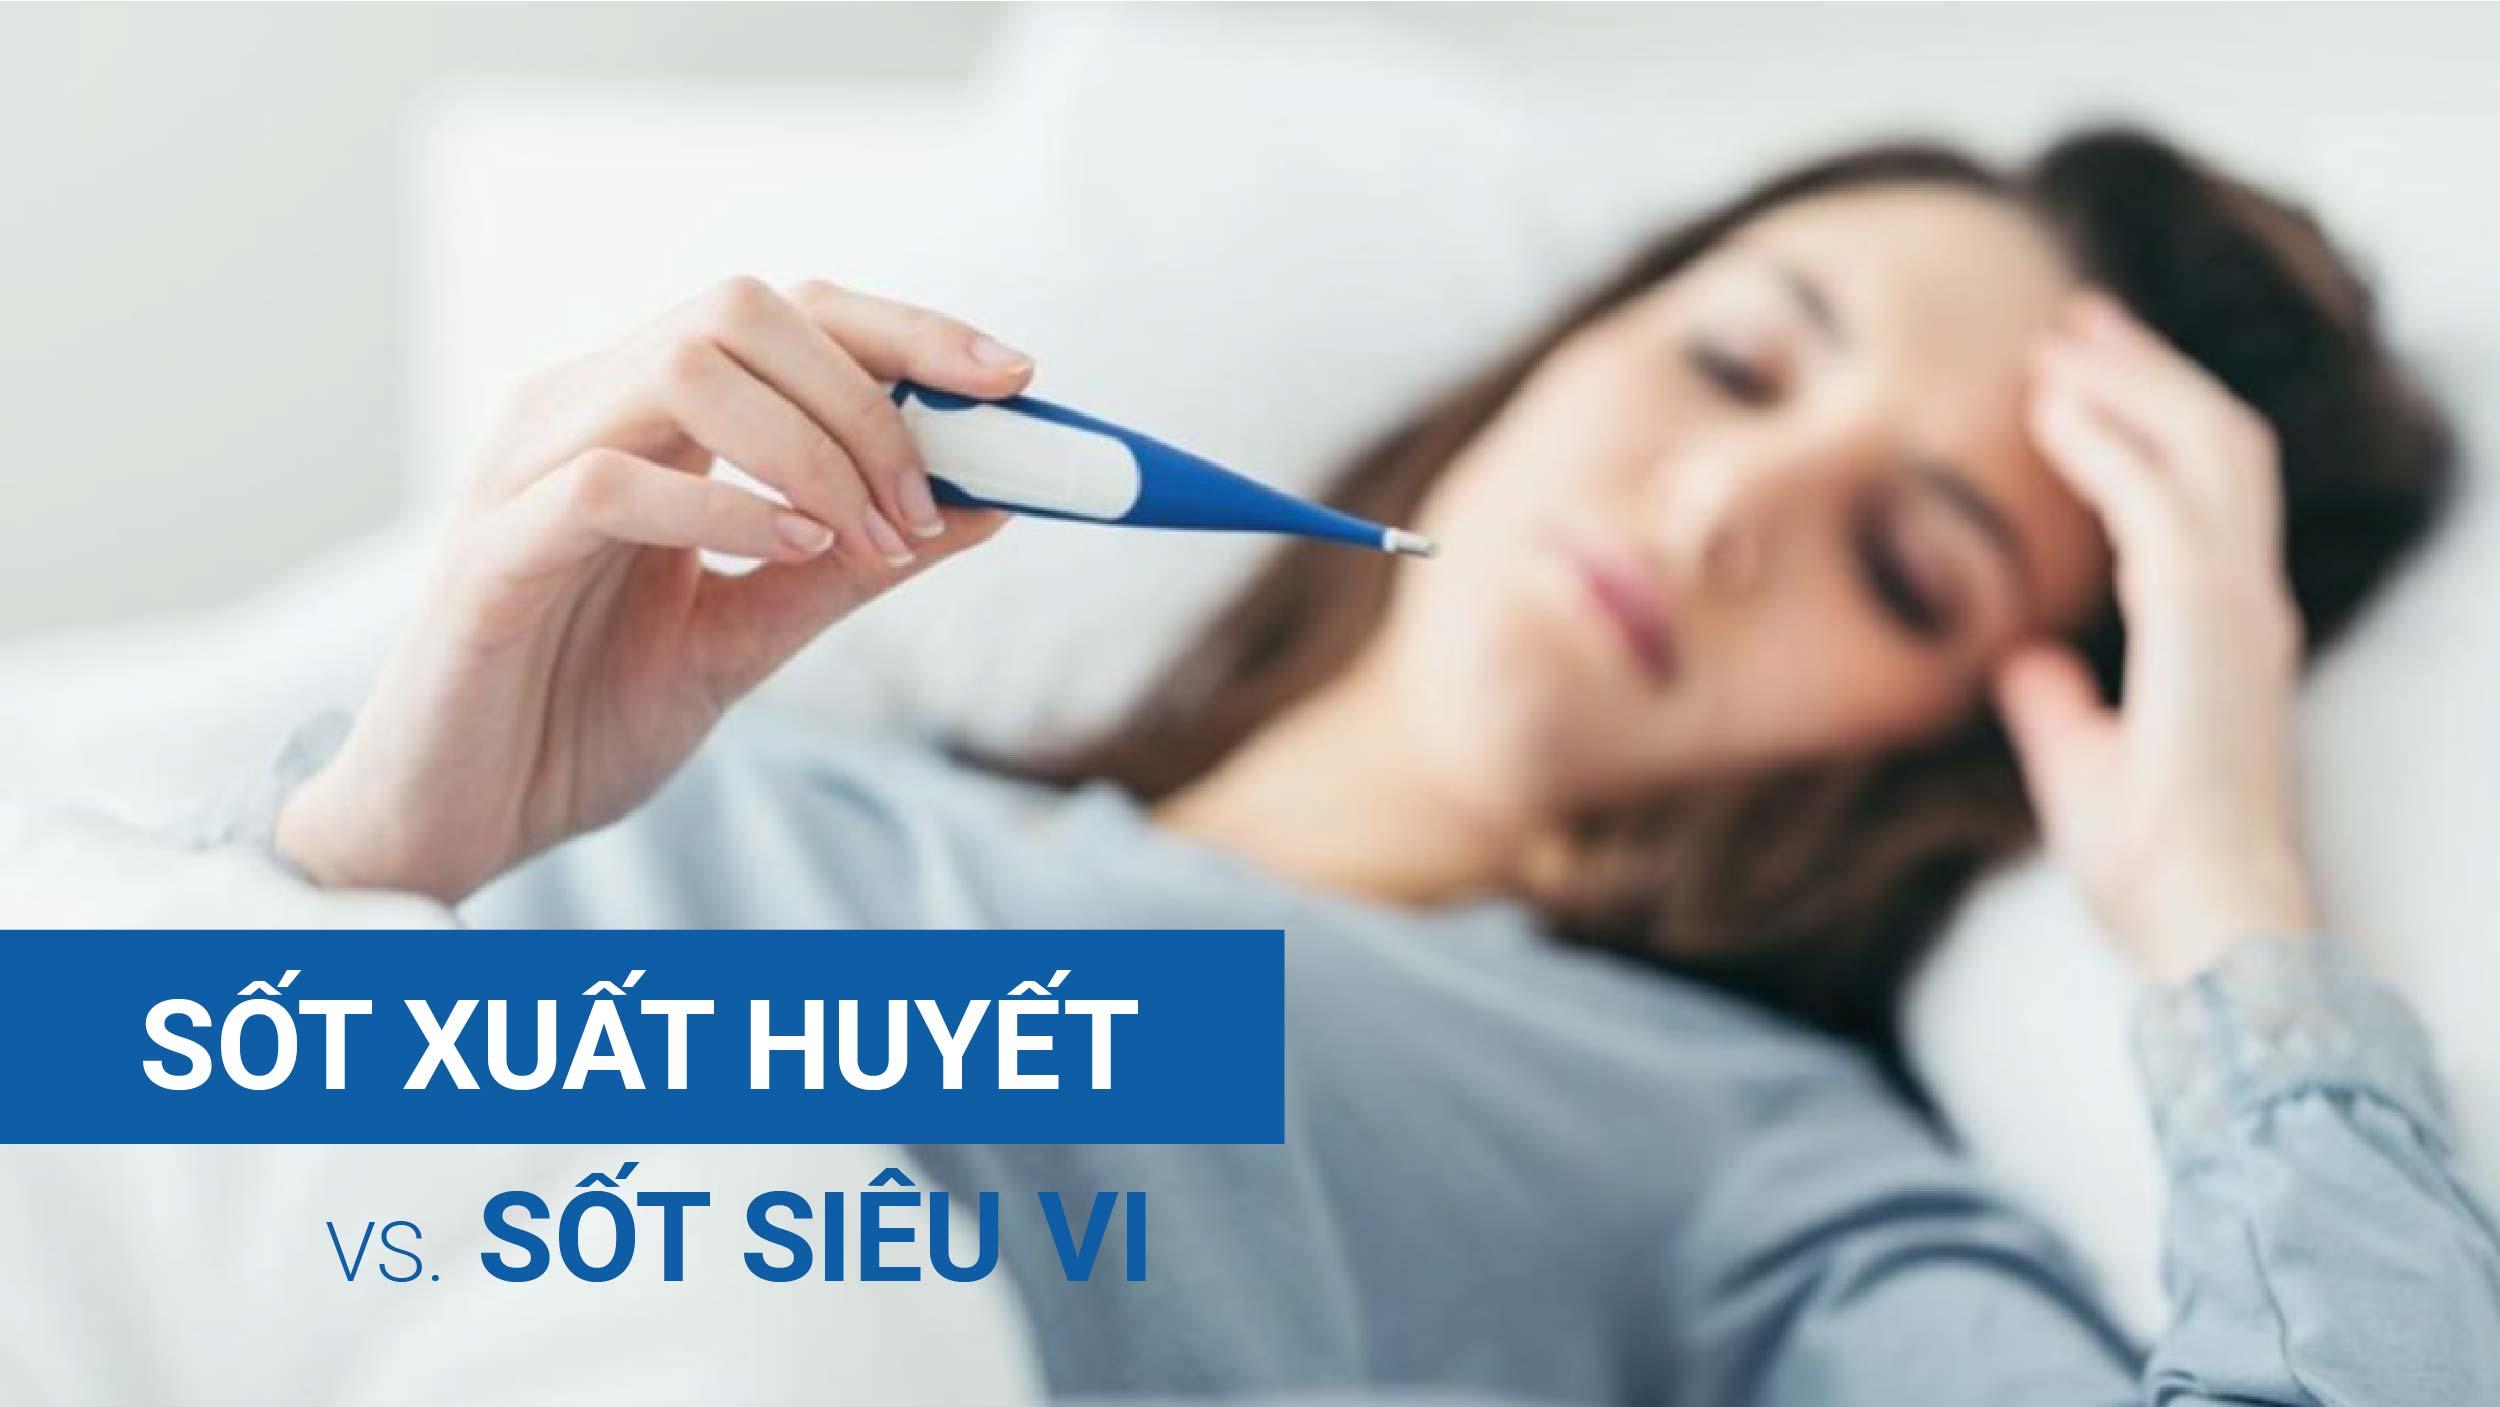 Sốt xuất huyết và sốt siêu vi khác nhau như thế nào? (6)